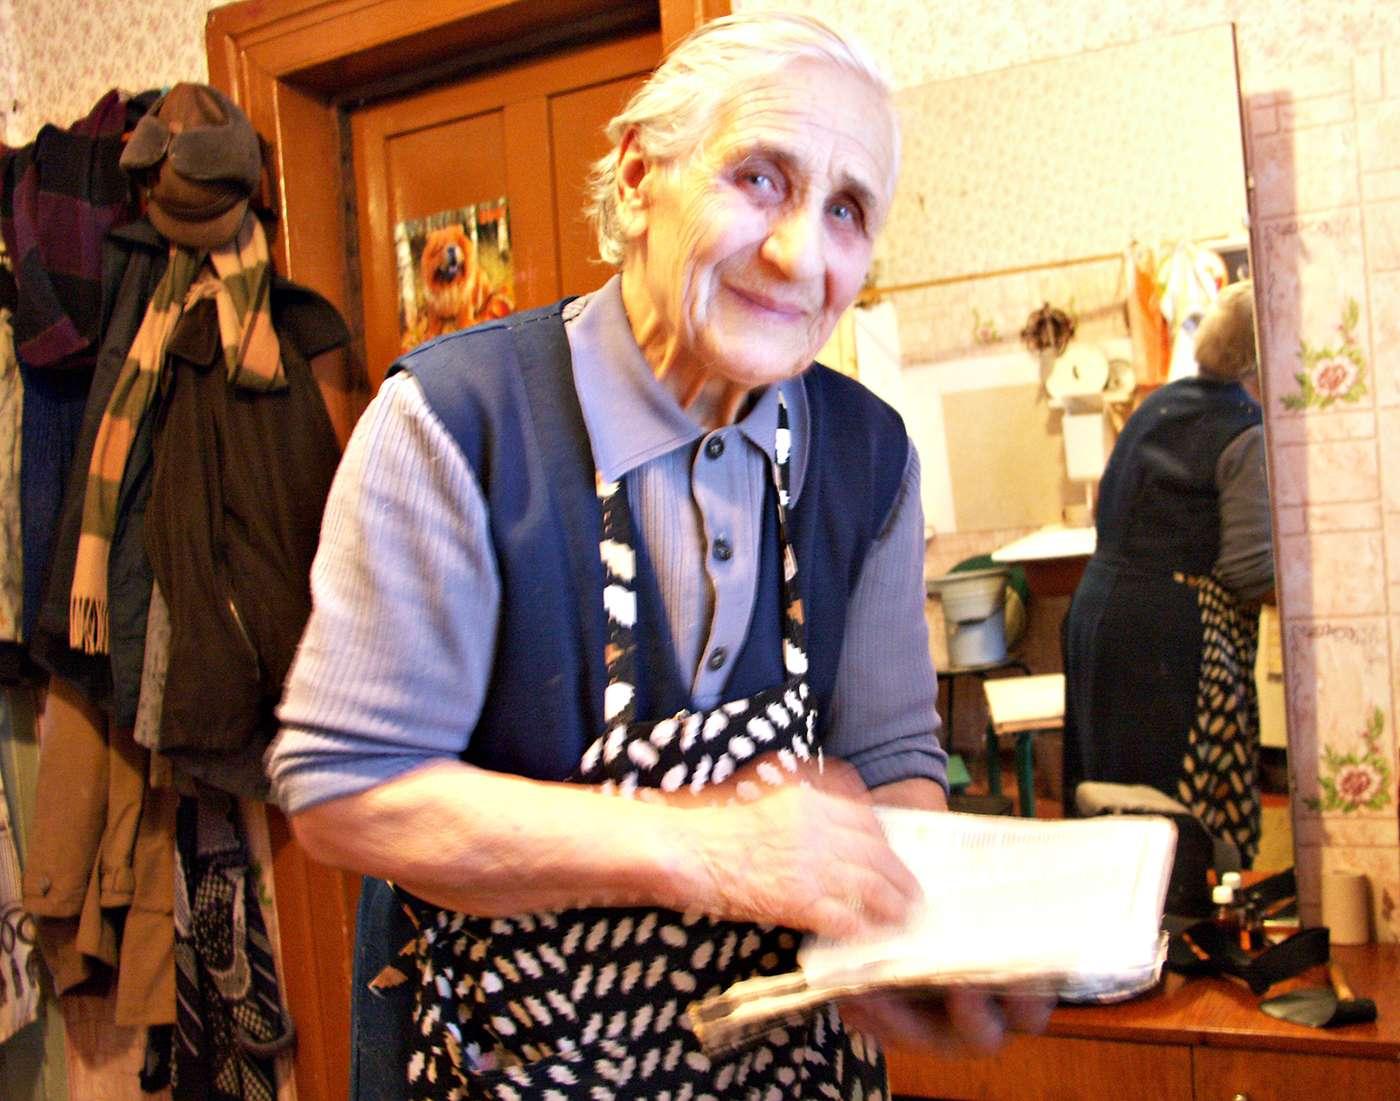 Фото пожилых людей раздетых